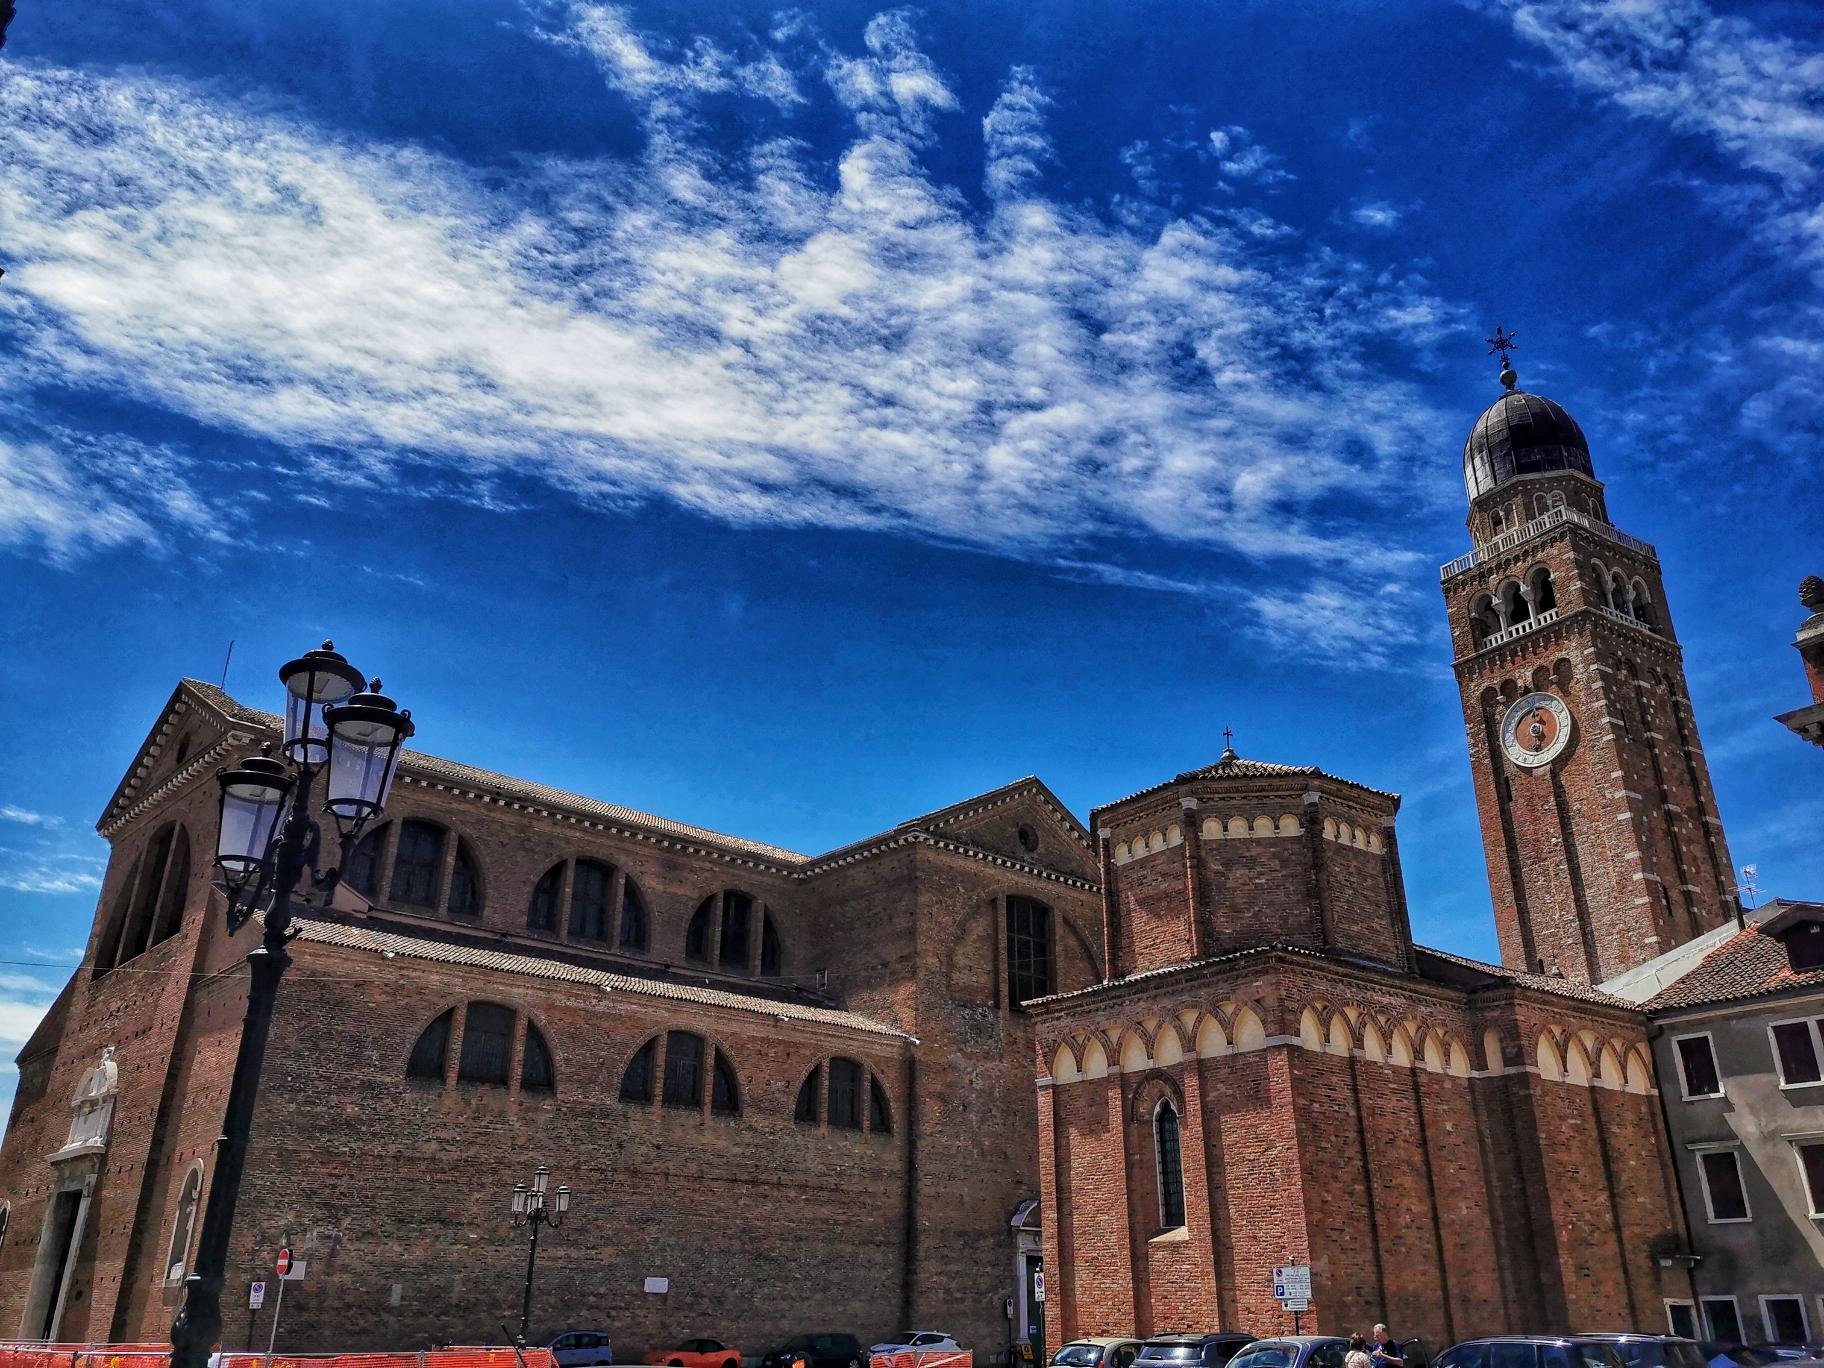 giornata a Chioggia, Duomo